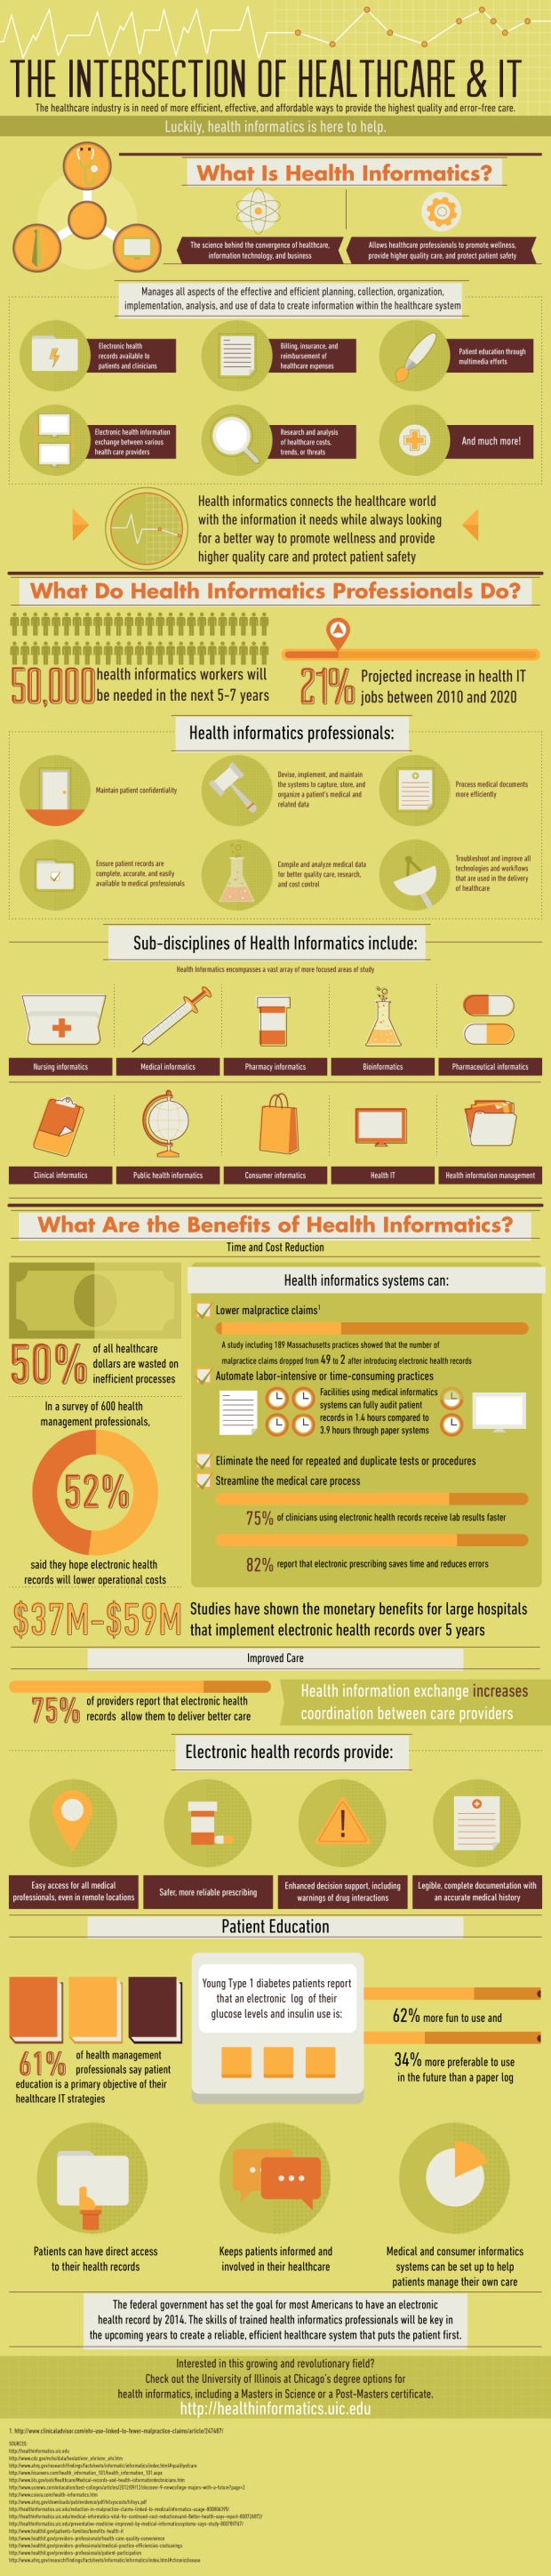 HealthInformatics